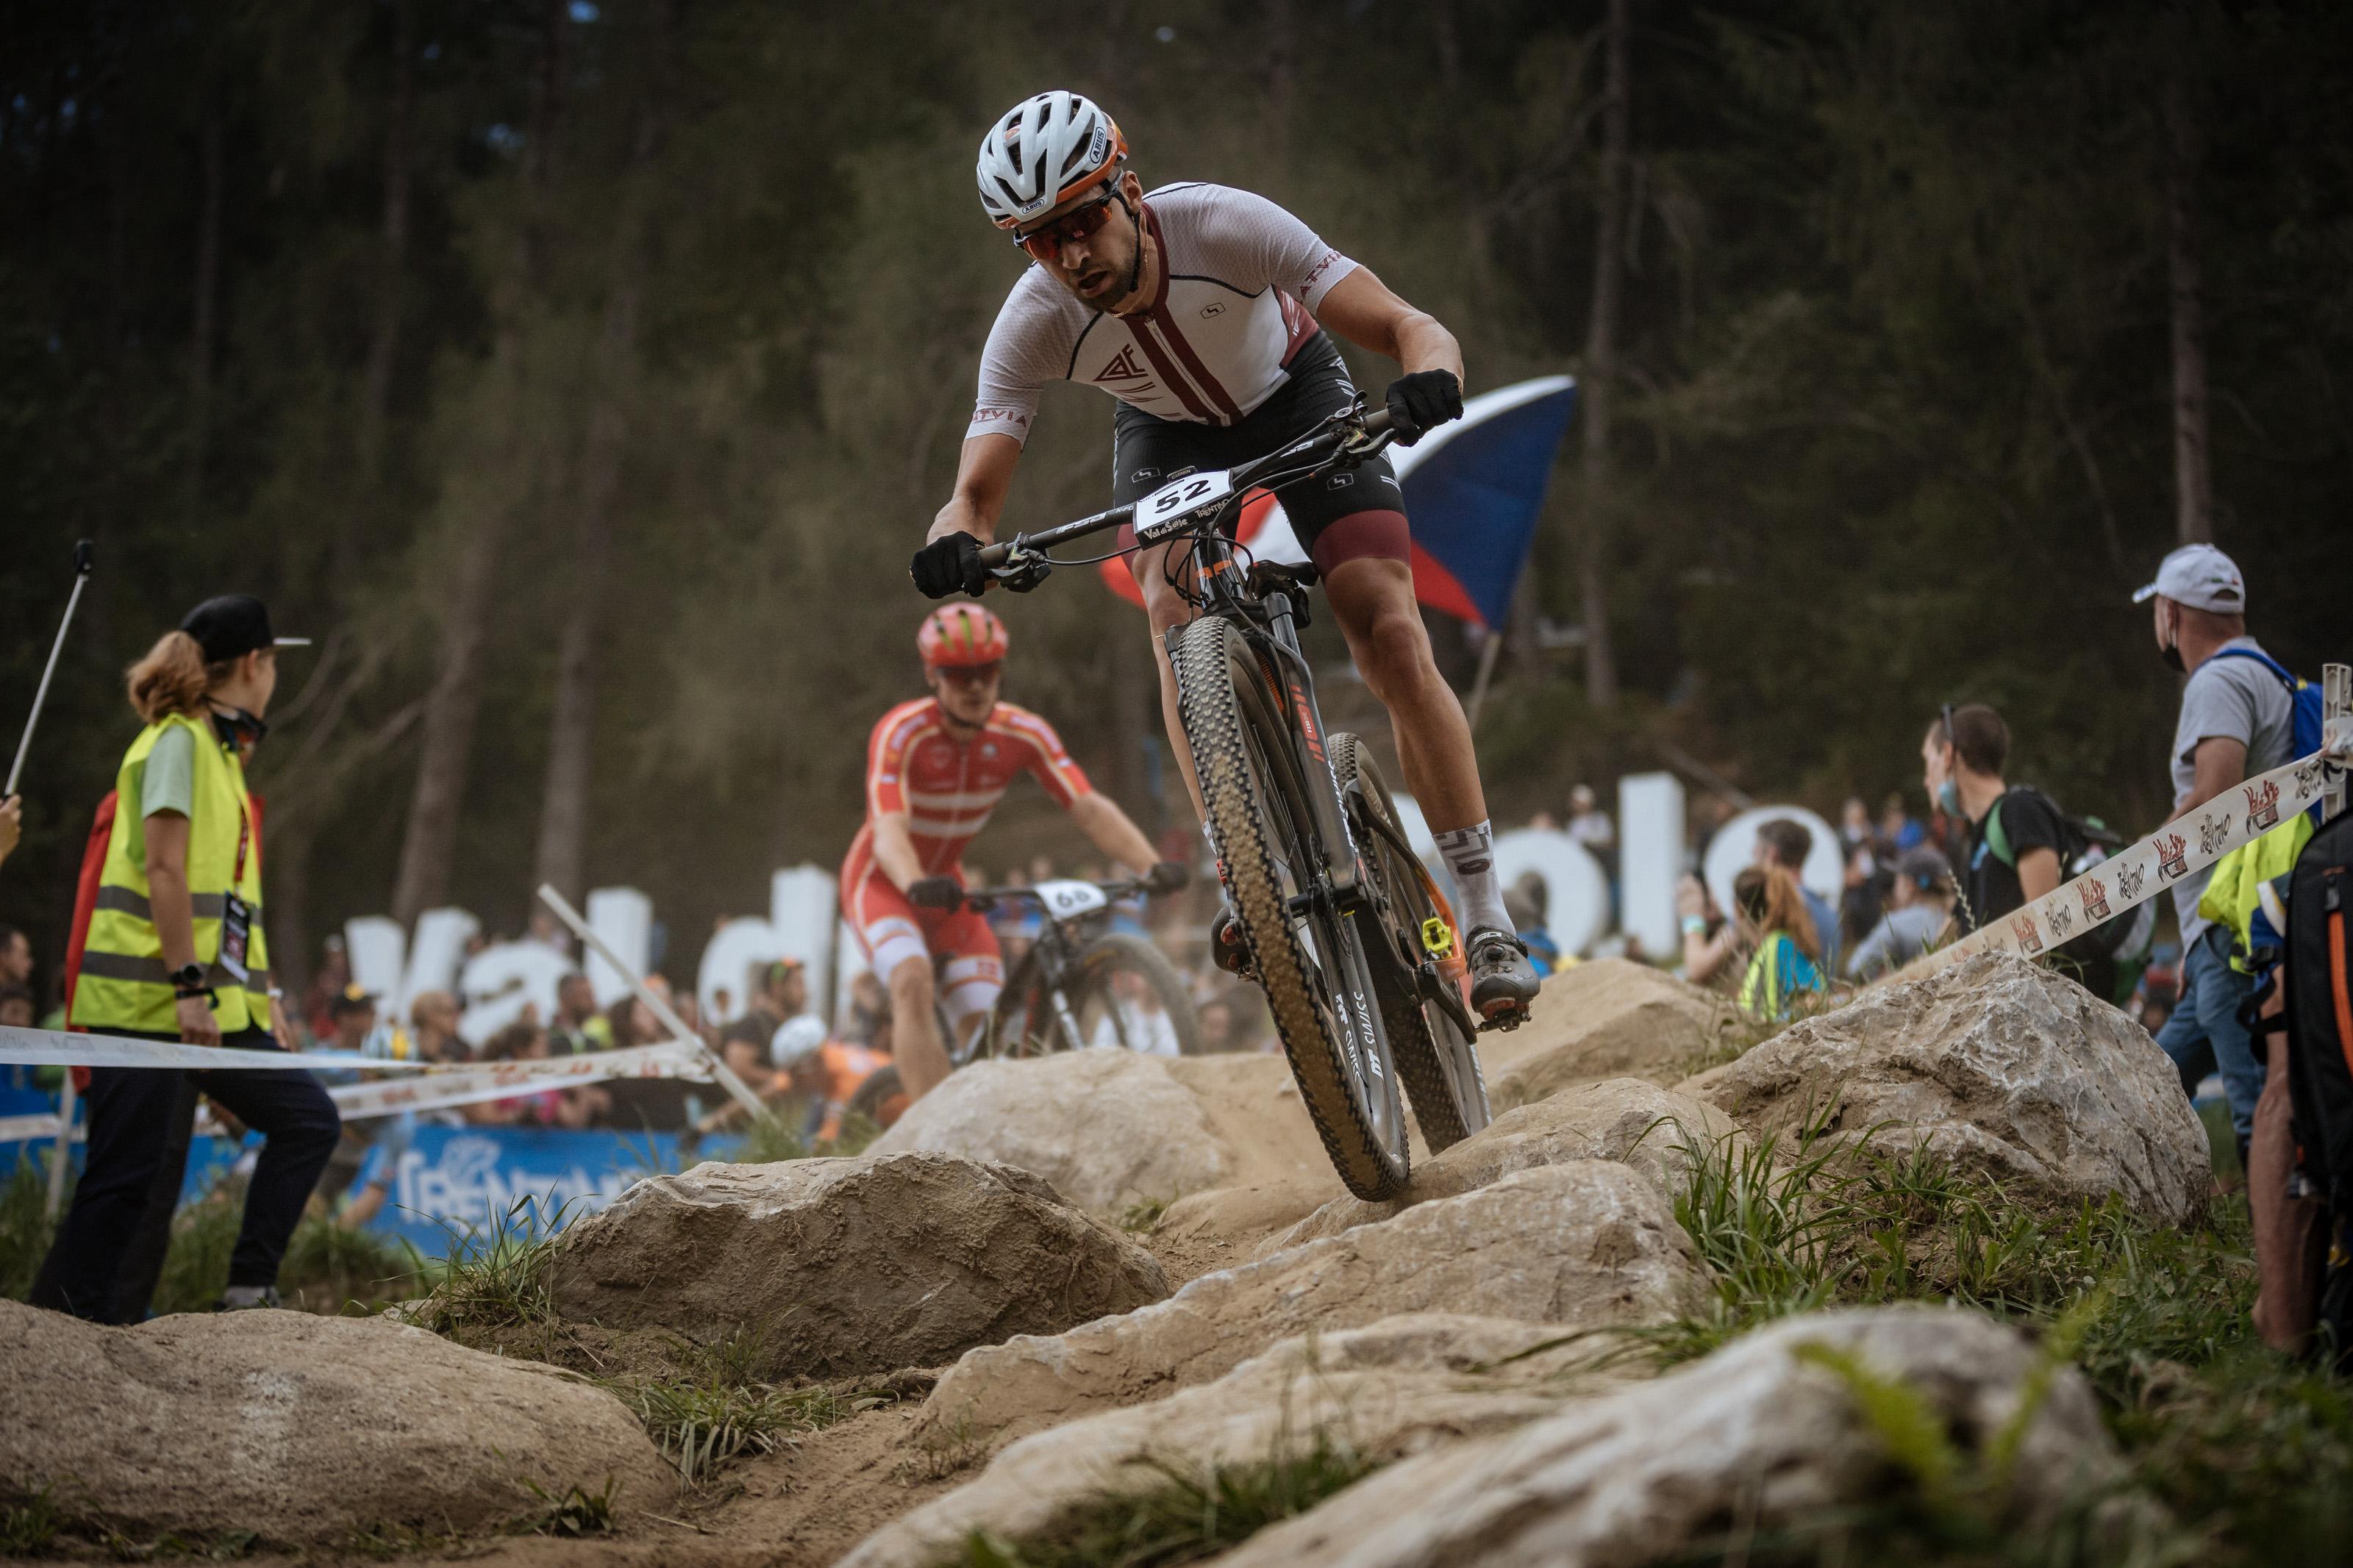 Blūms pasaules MTB riteņbraukšanas rangā paceļas uz rekordaugsto 26. vietu